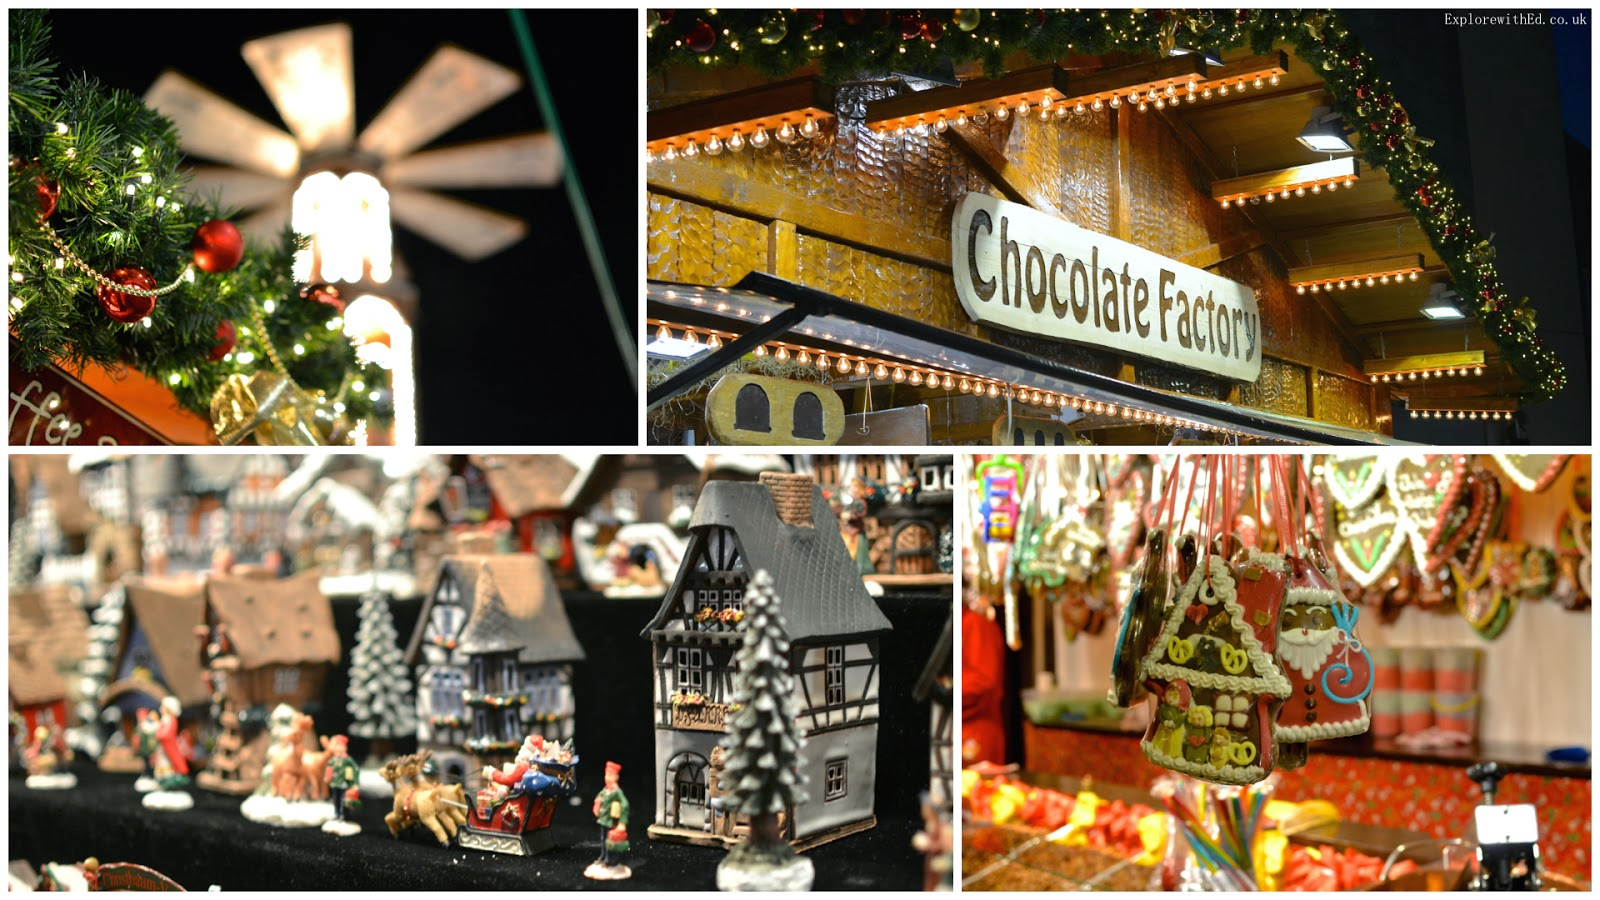 Market stalls in Bristol